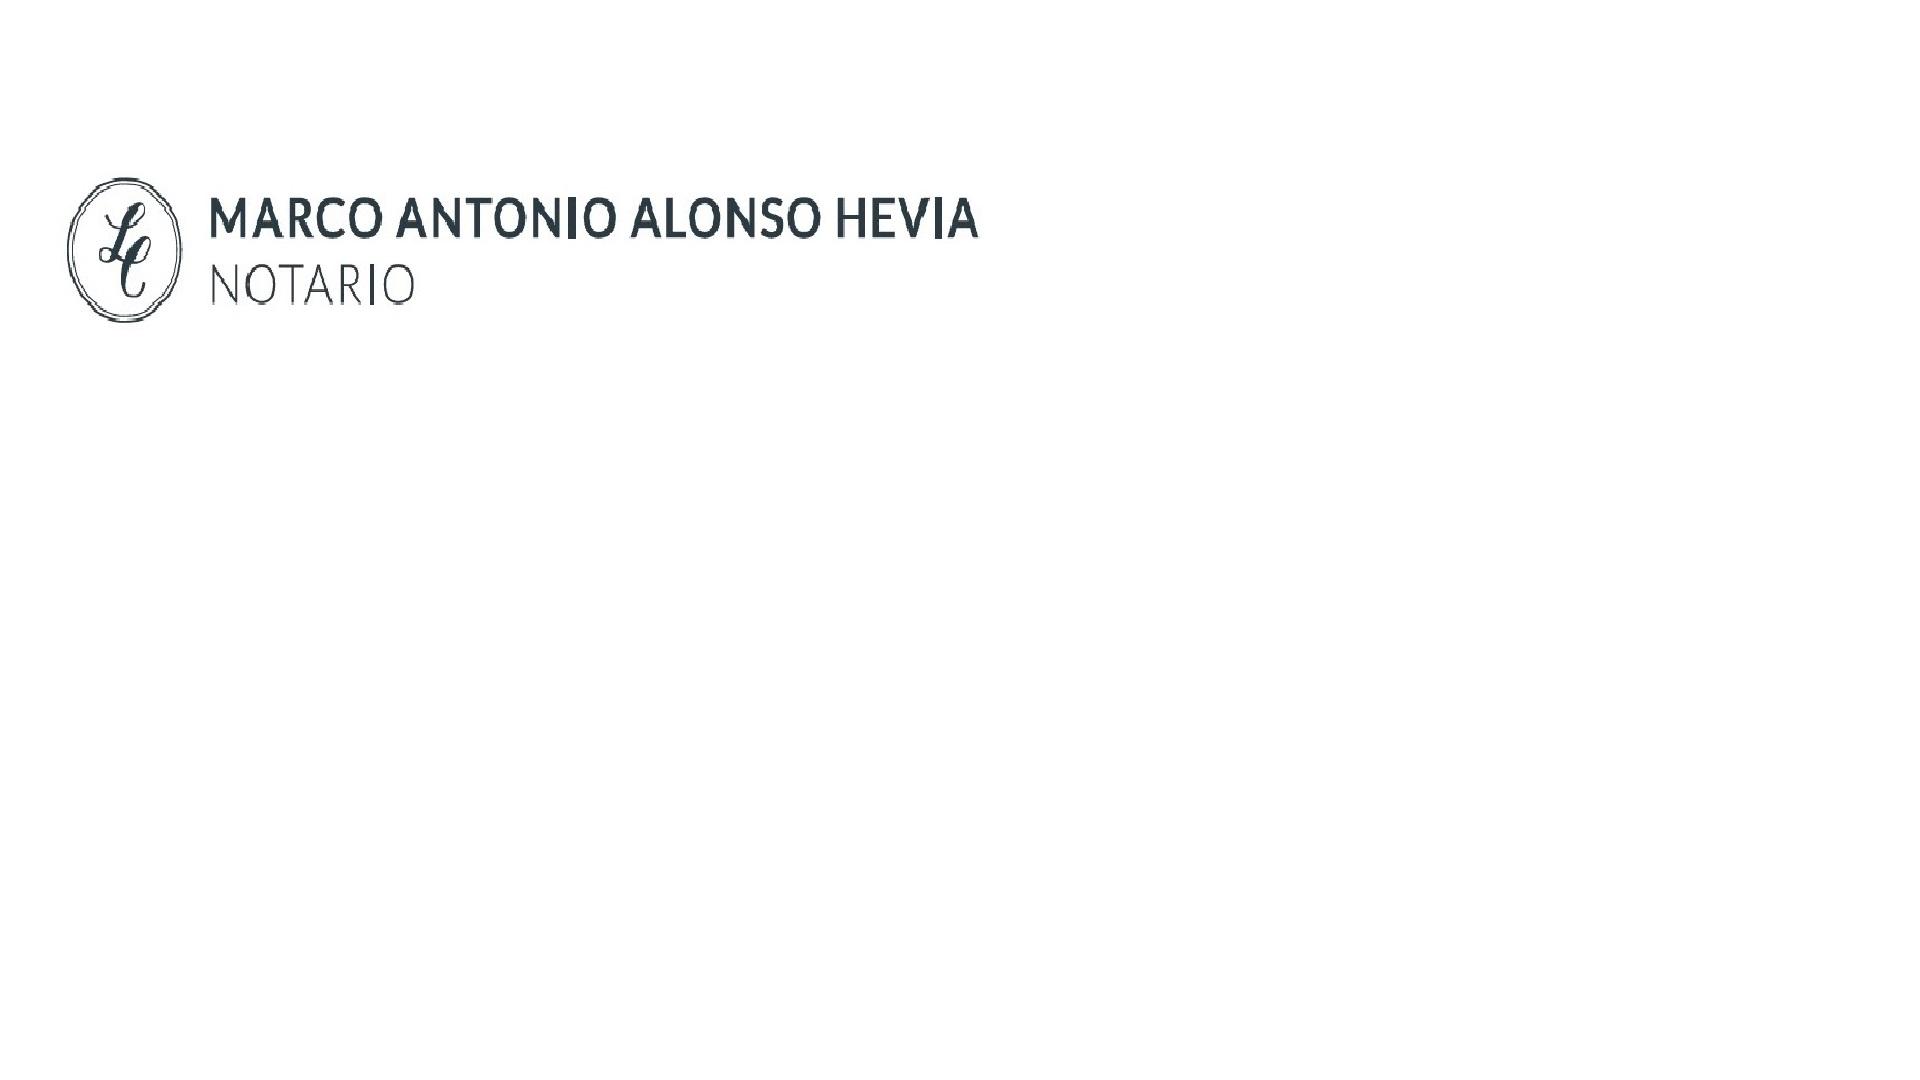 Notaría Marco Antonio Alonso Hevia